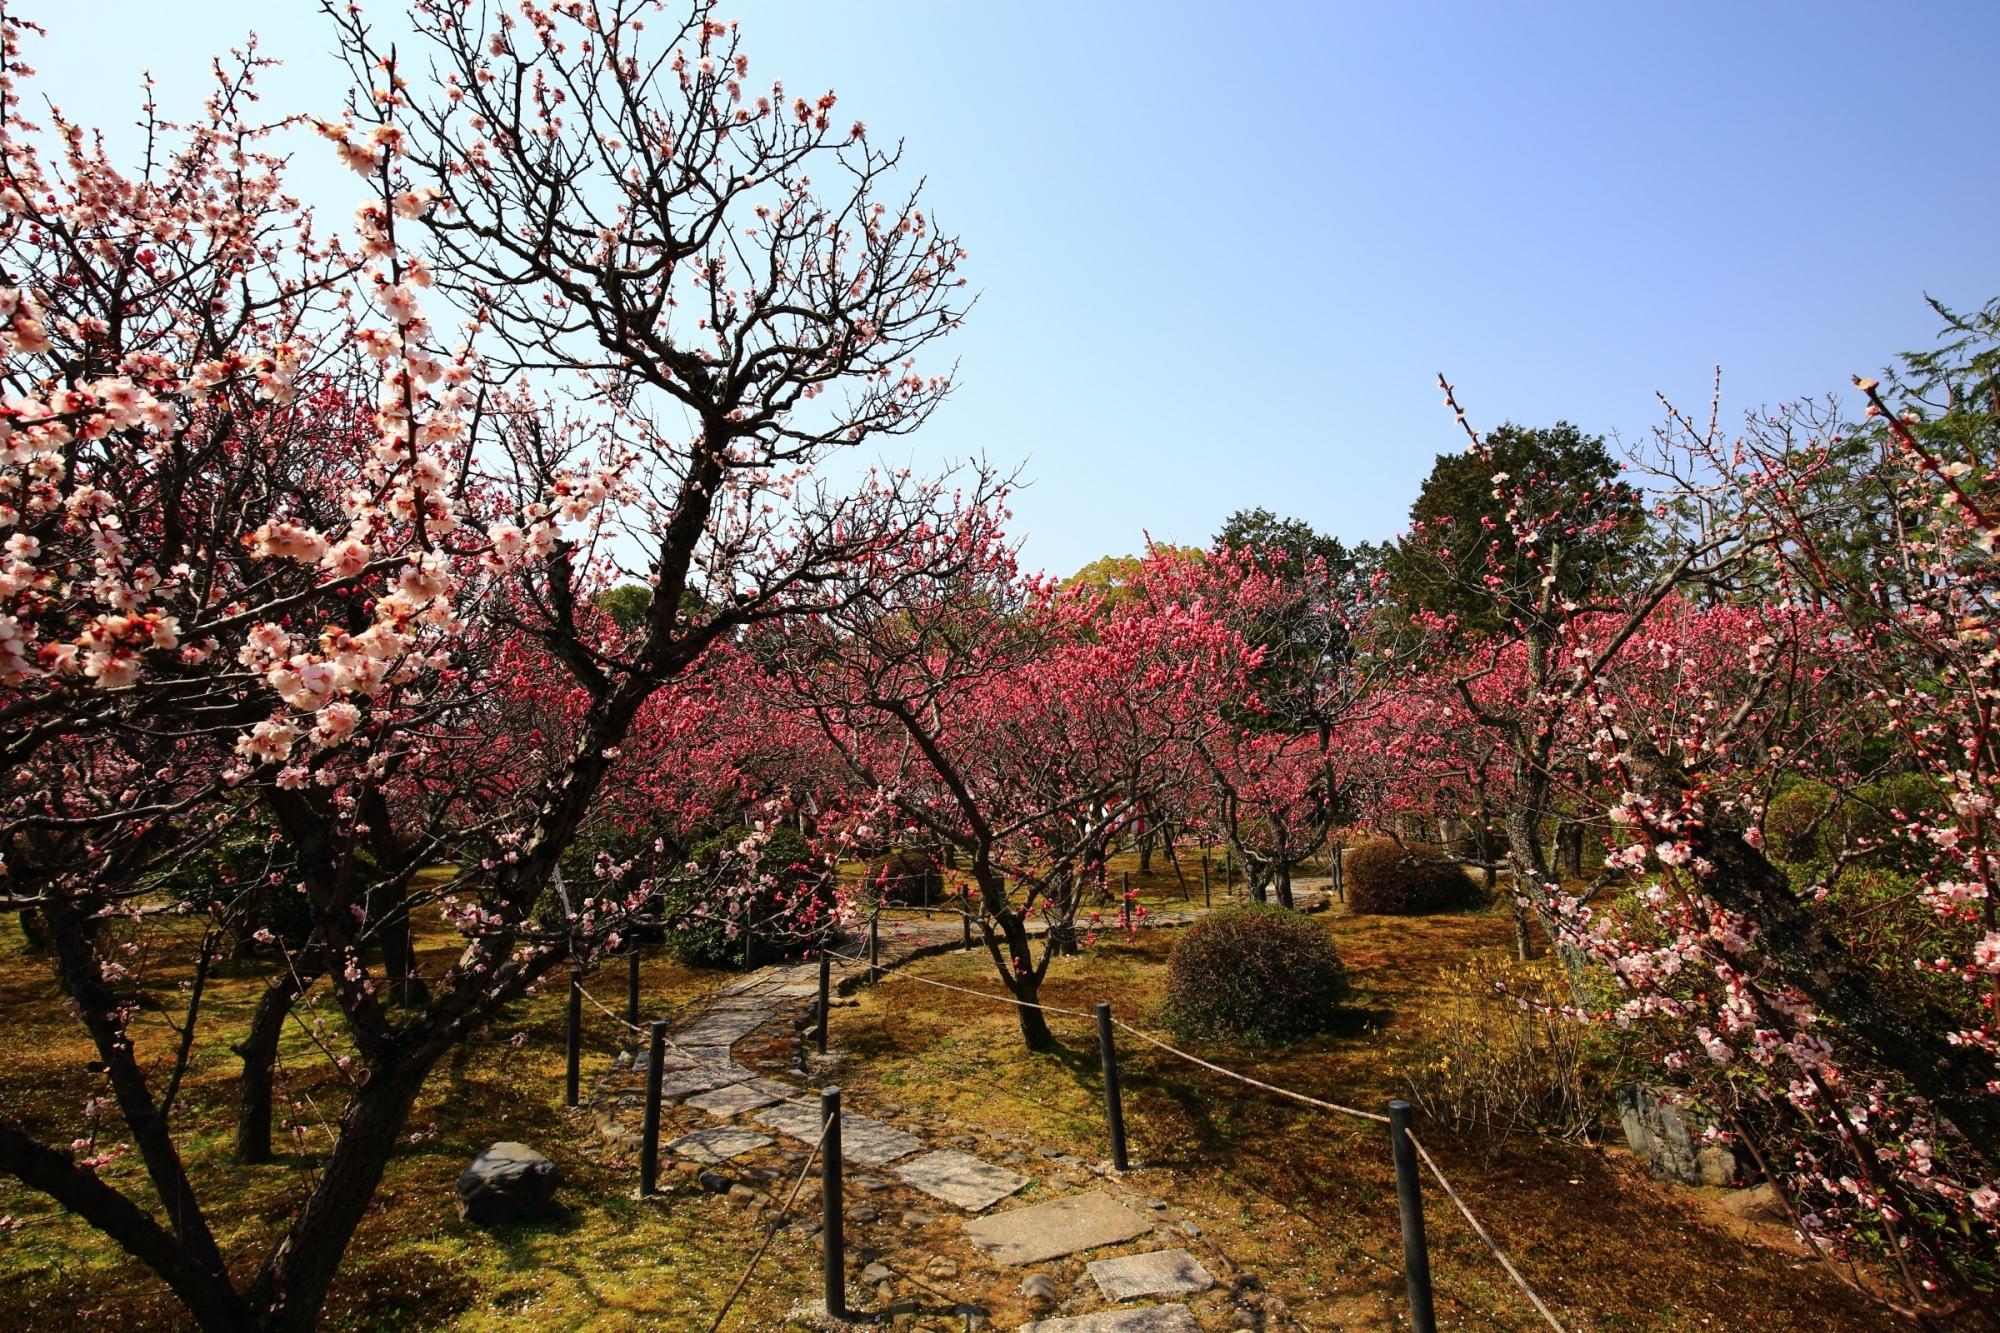 華やかな梅の花が咲く広い梅園